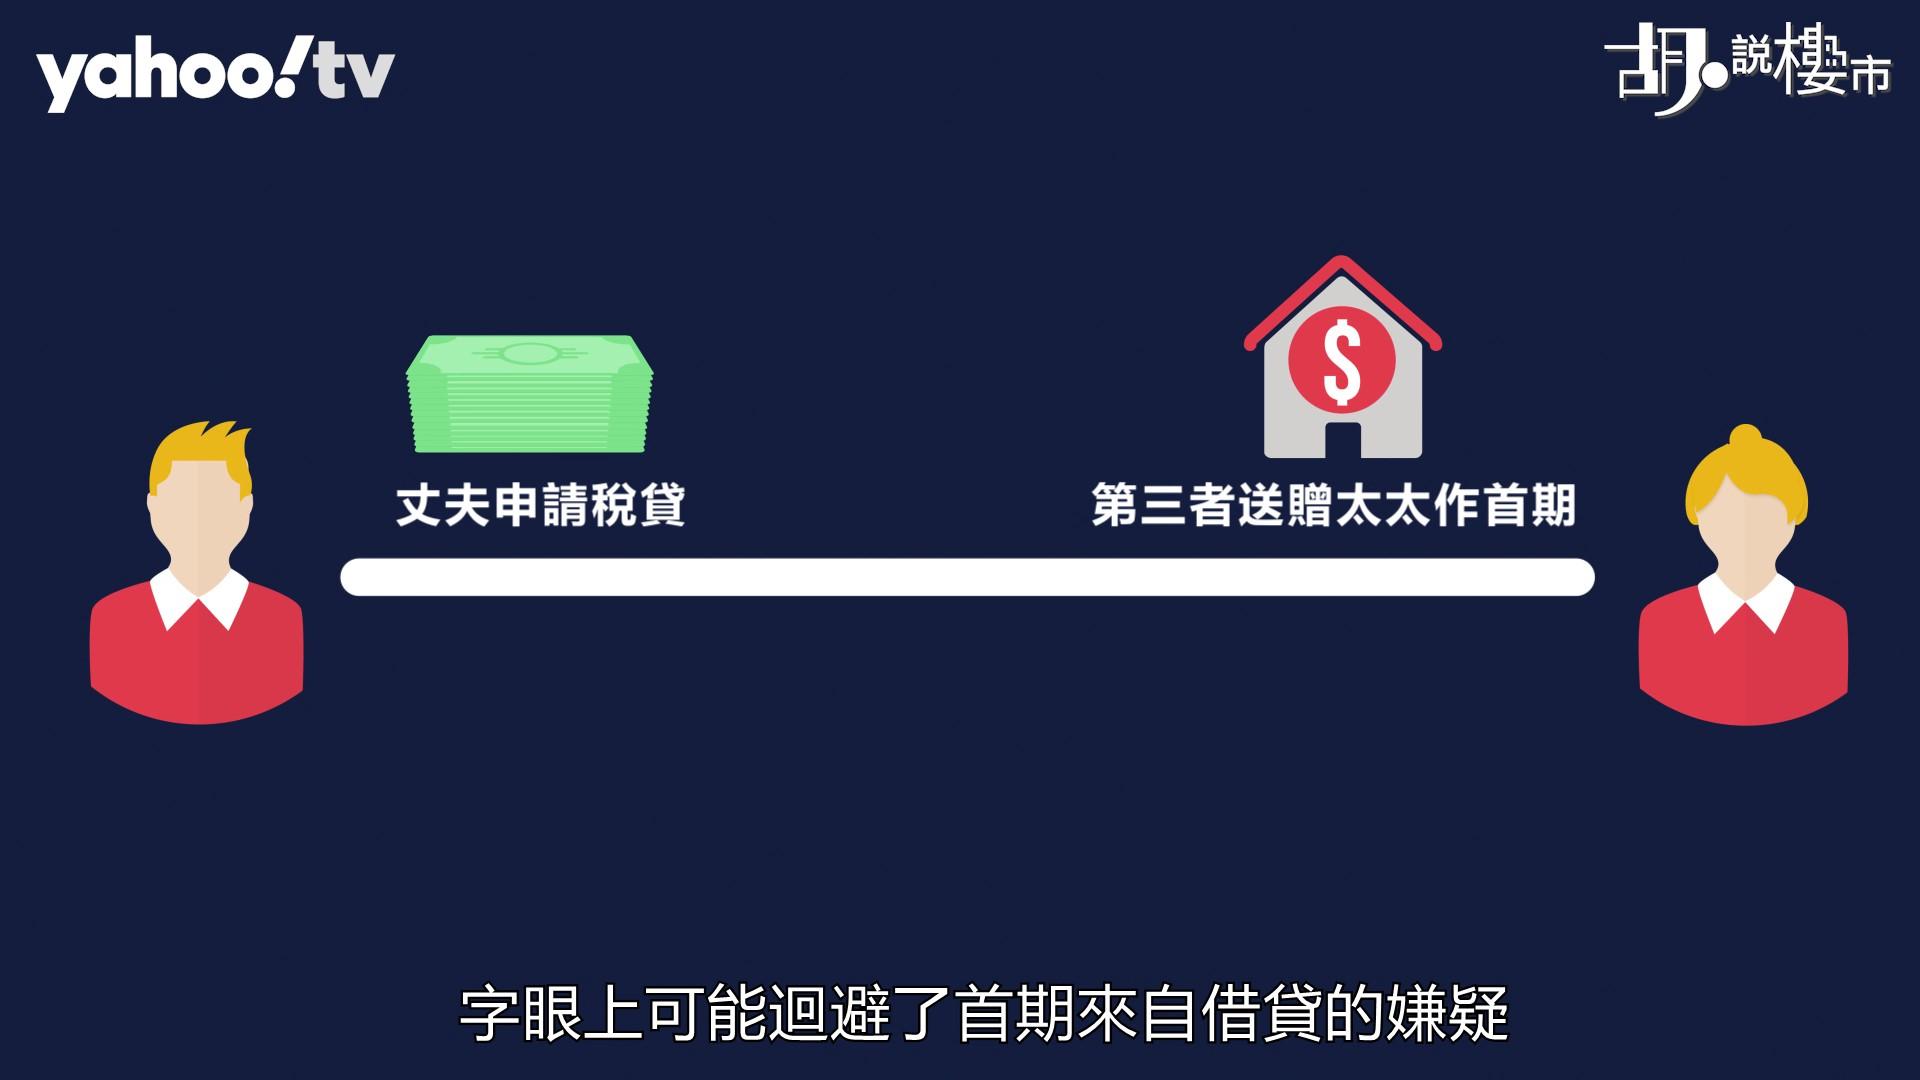 【胡.說樓市】上車唔夠錢 借稅貸做首期可行嗎?